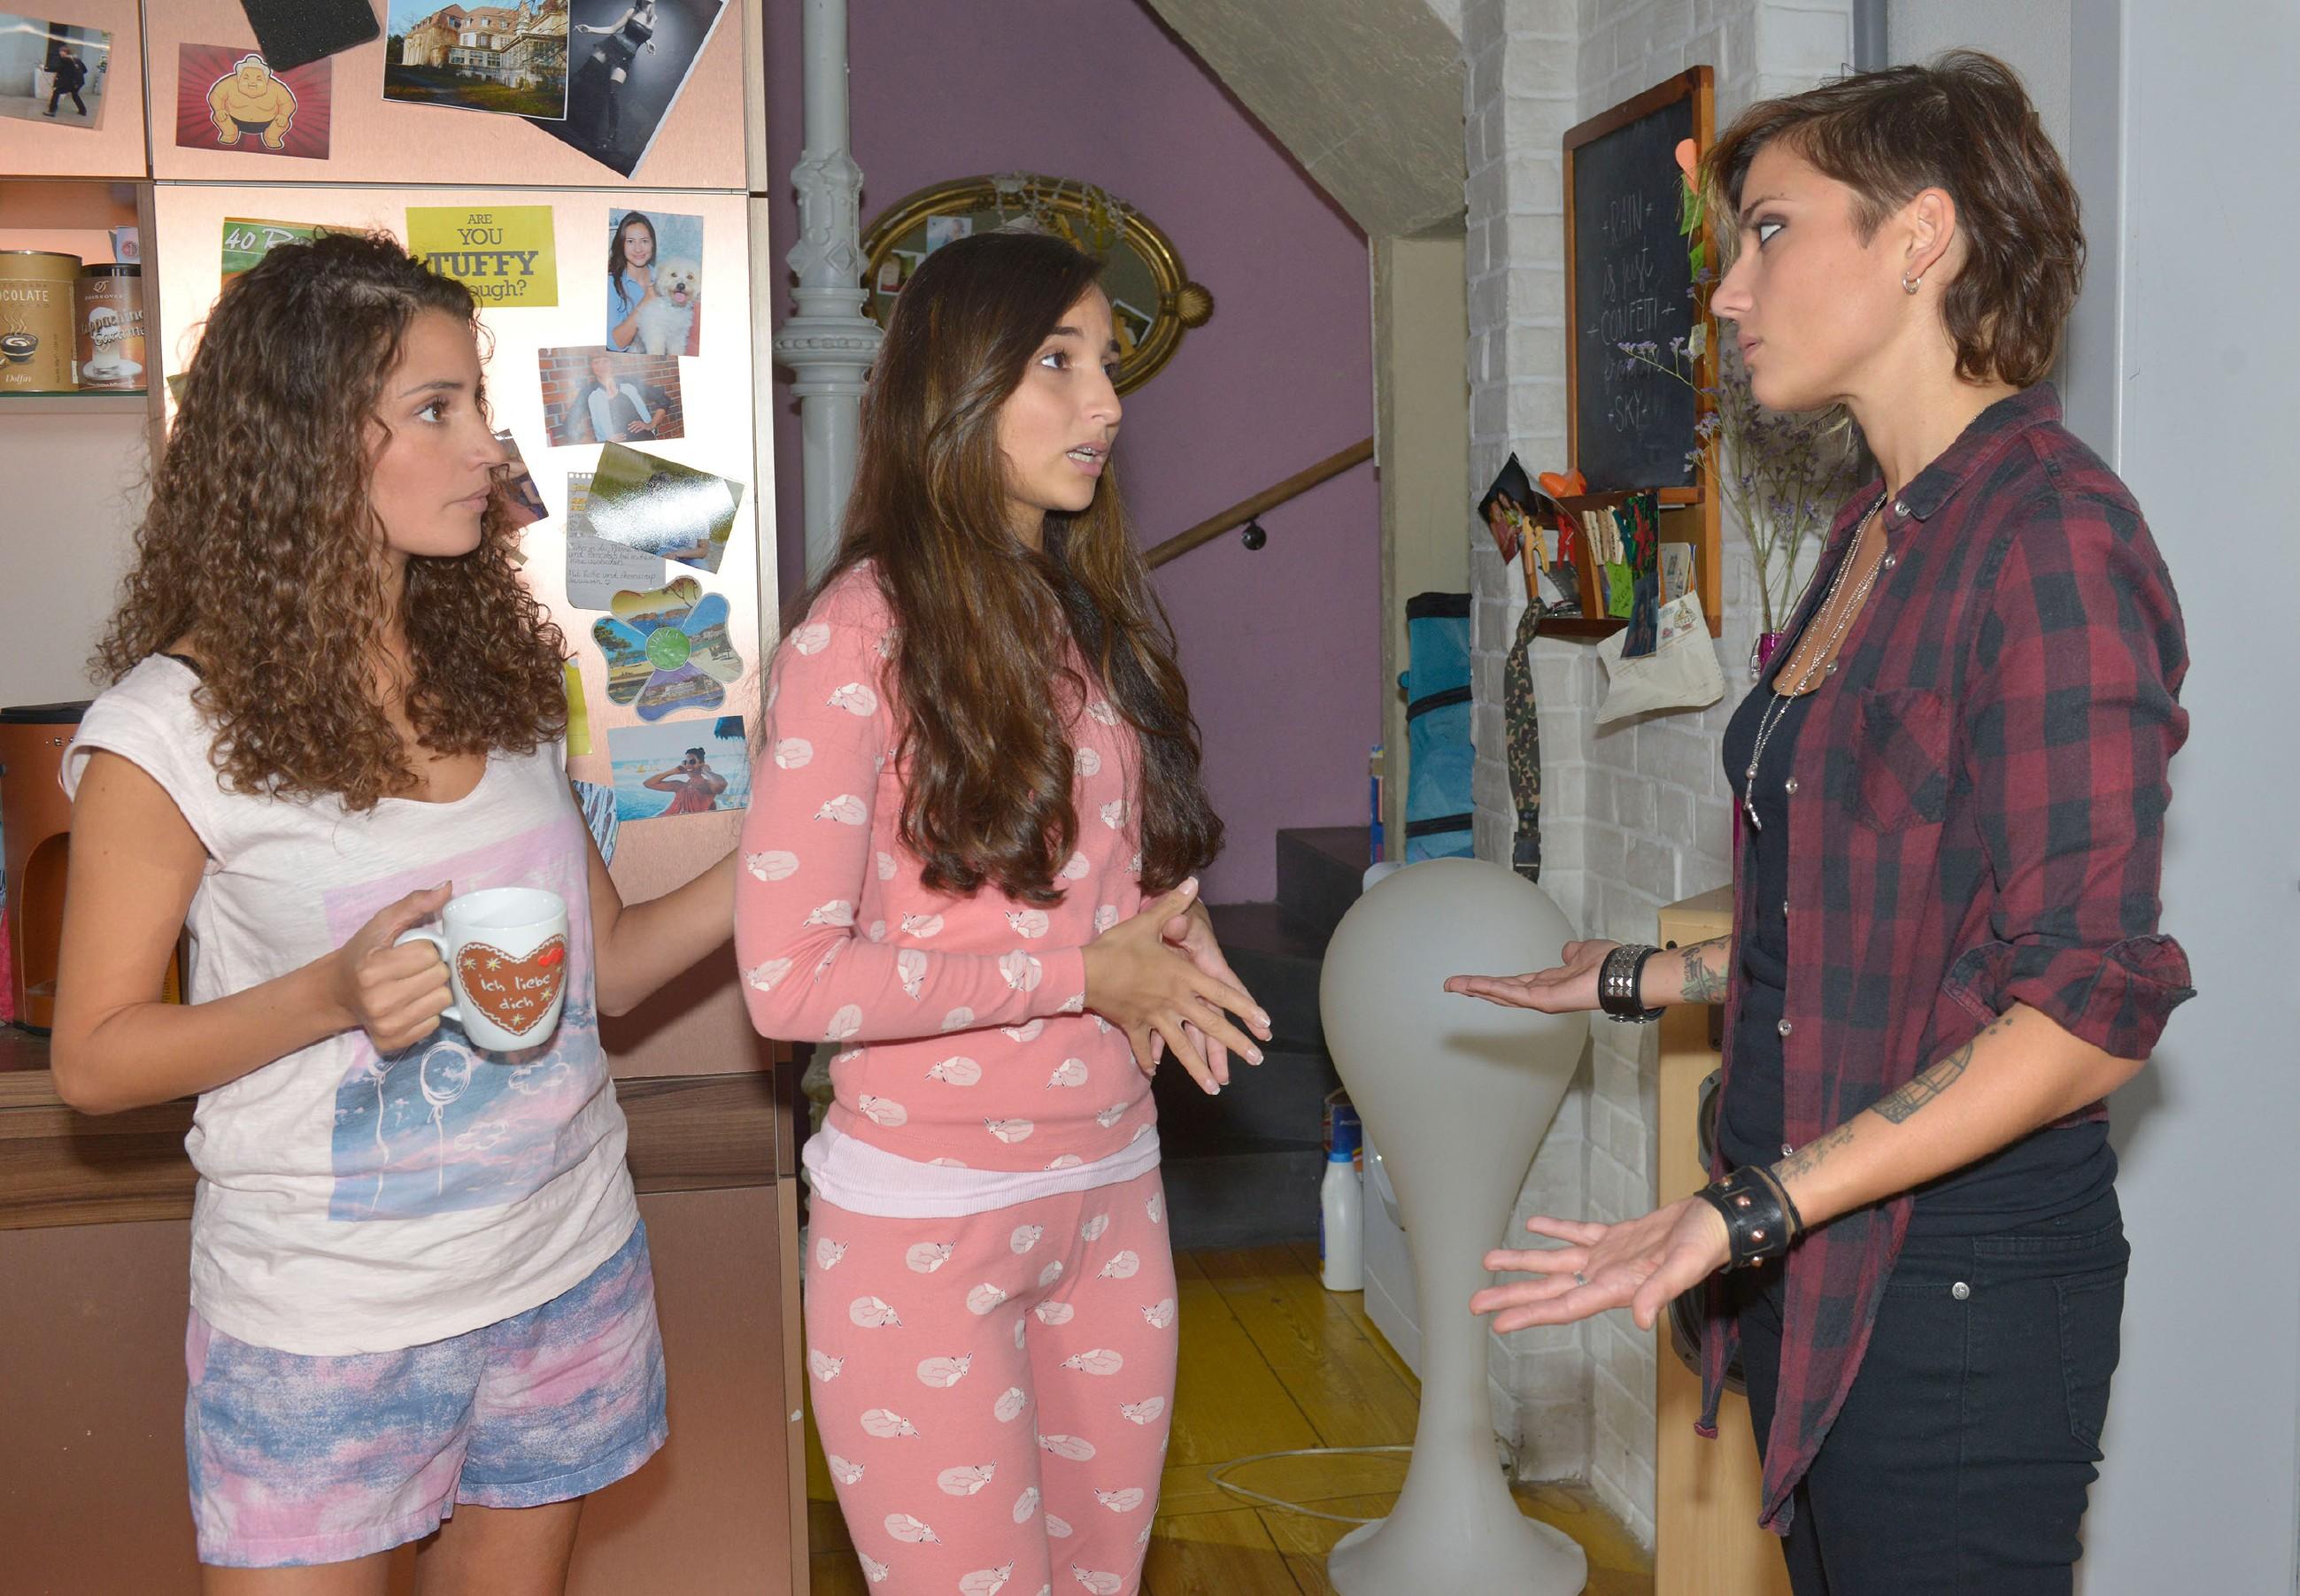 Nachdem Lilly (Iris Mareike Steen, l.) erfahren hat, dass auch Maren (Eva Mona Rodekirchen) bei der Suche nach Amar hilft, weicht ihre ablehnende Haltung langsam auf und sie kann die Nähe ihrer Mutter wieder zulassen. (Quelle: RTL / Rolf Baumgartner)